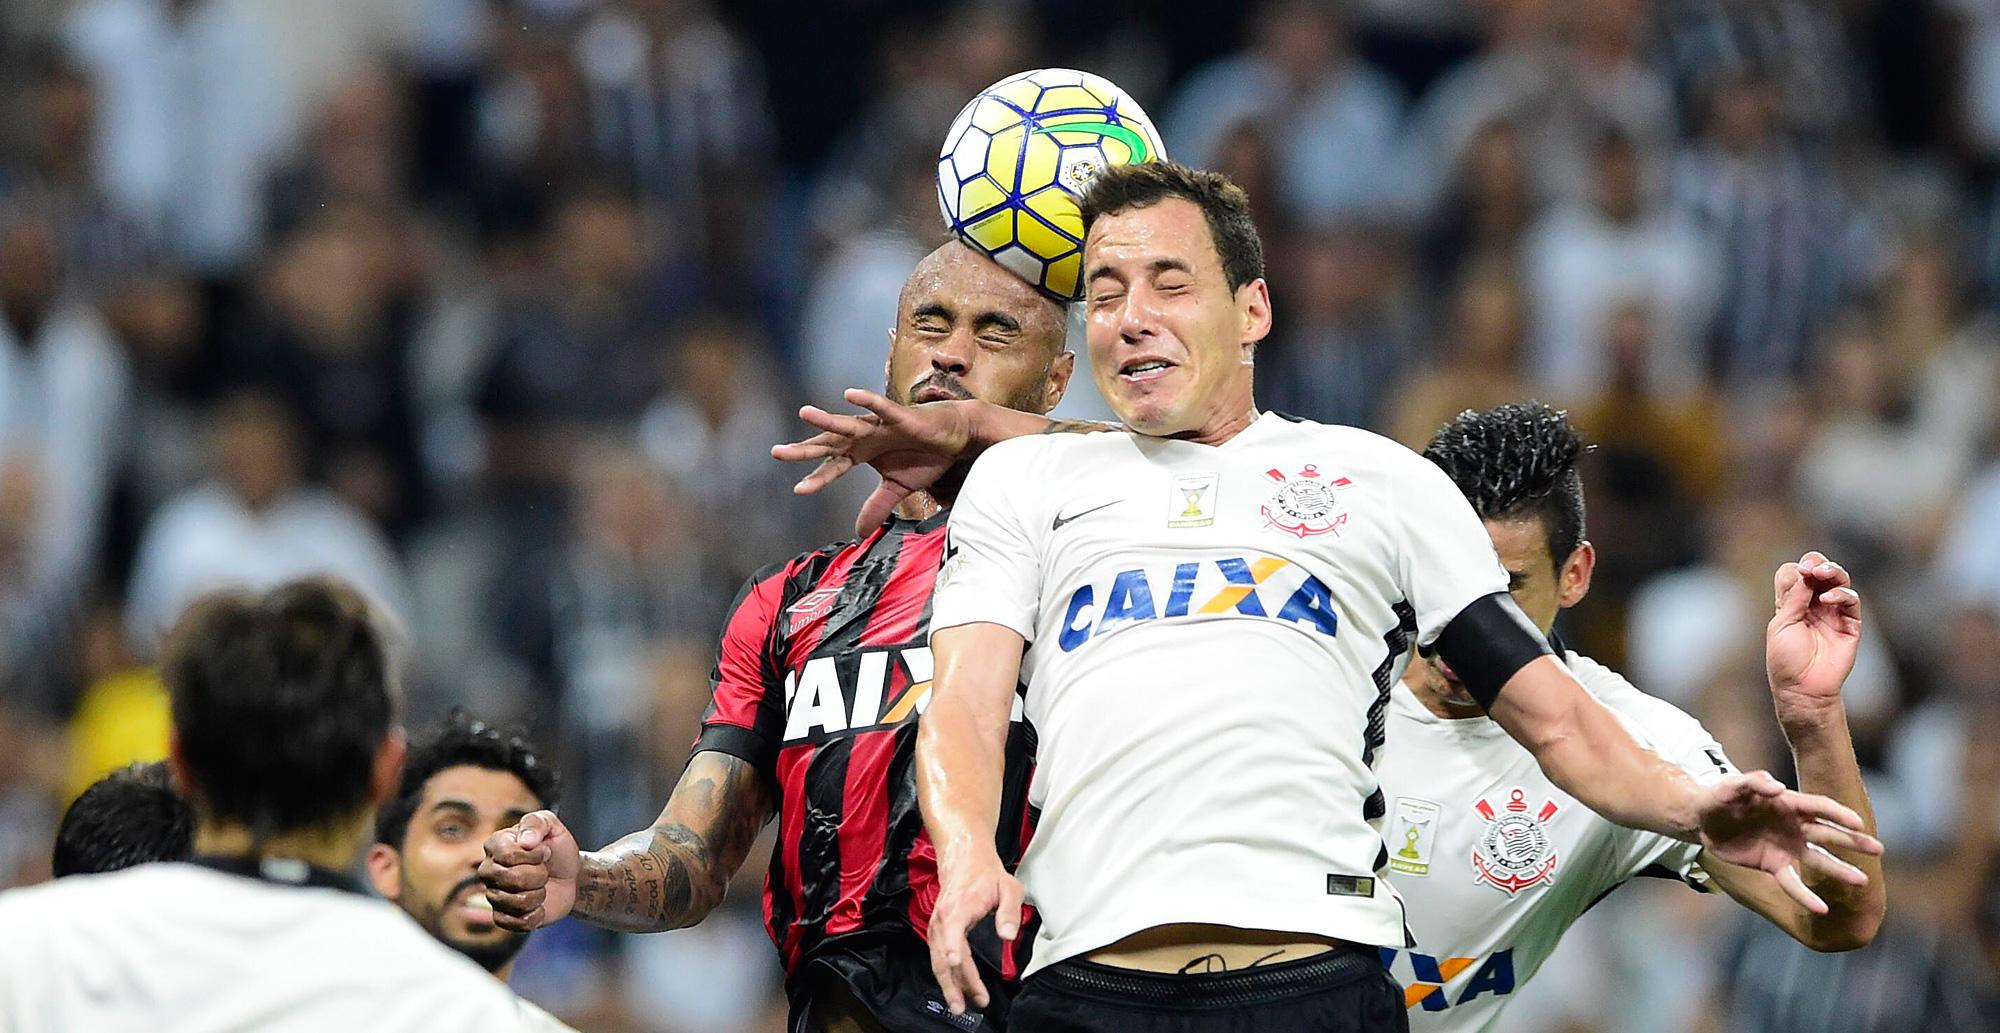 Rodriguinho - Corinthians 0 x 0 Atlético-PR.